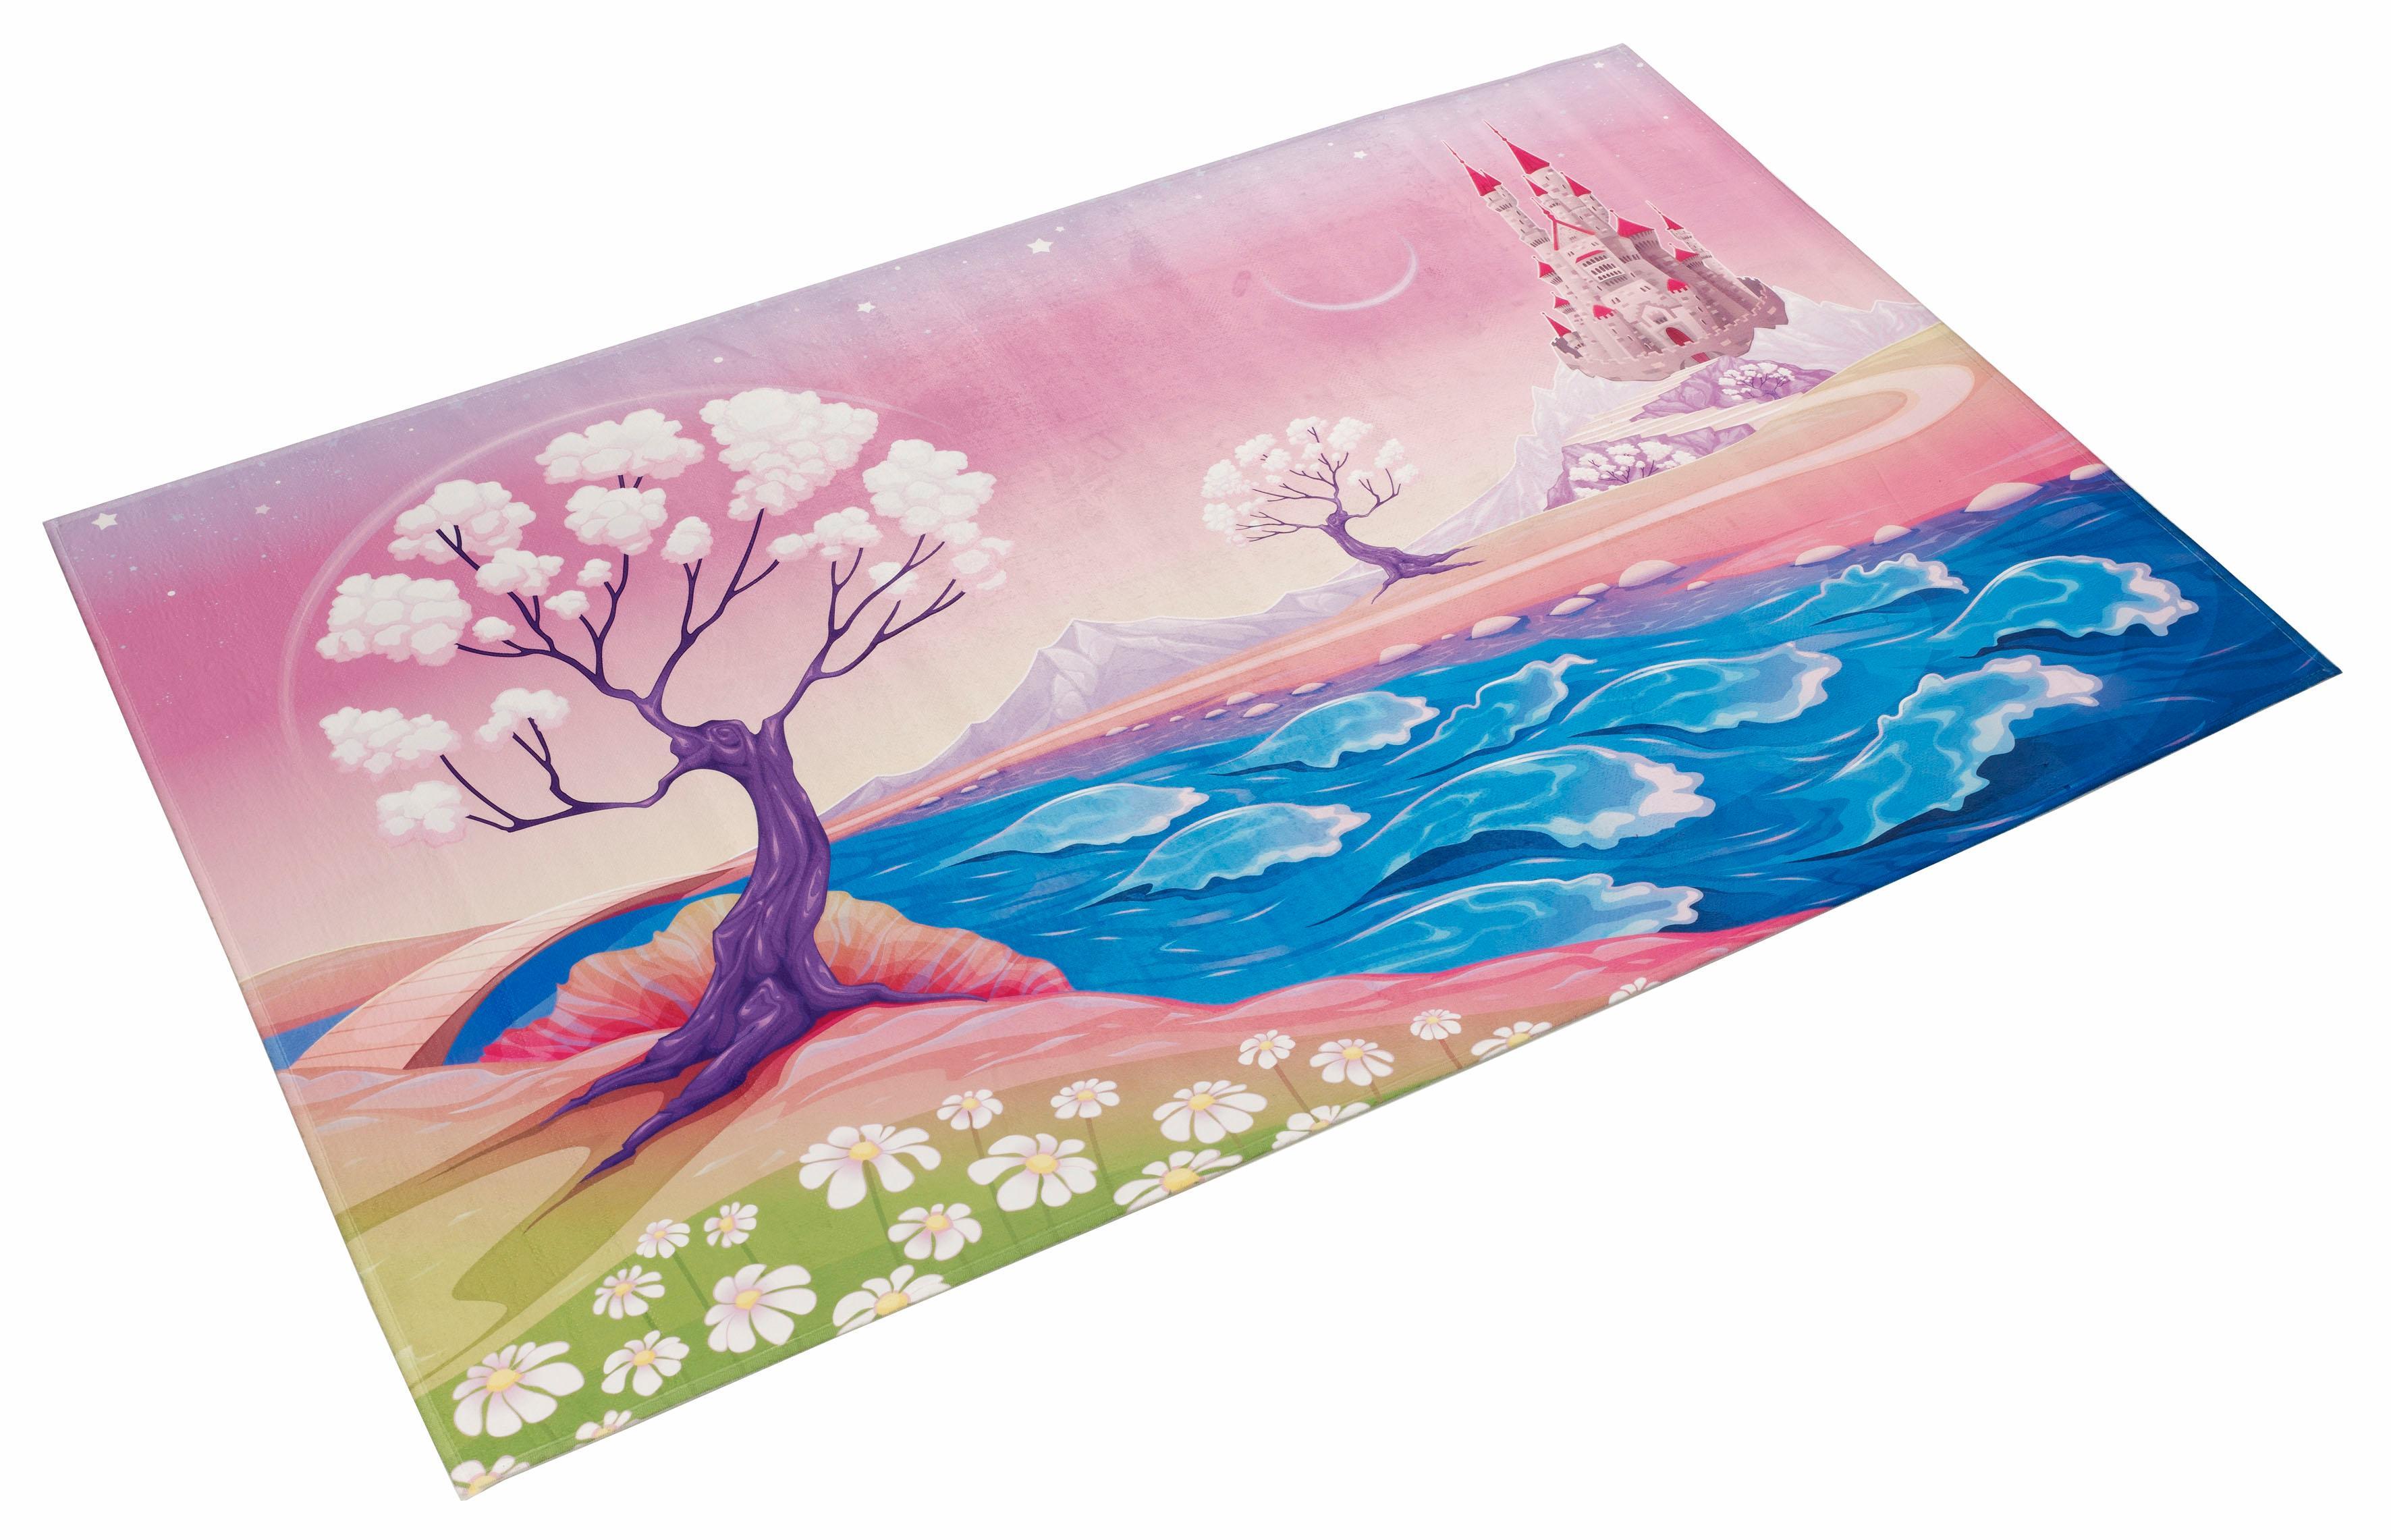 Kinderteppich Lovely Kids 405 Böing Carpet rechteckig Höhe 6 mm gedruckt